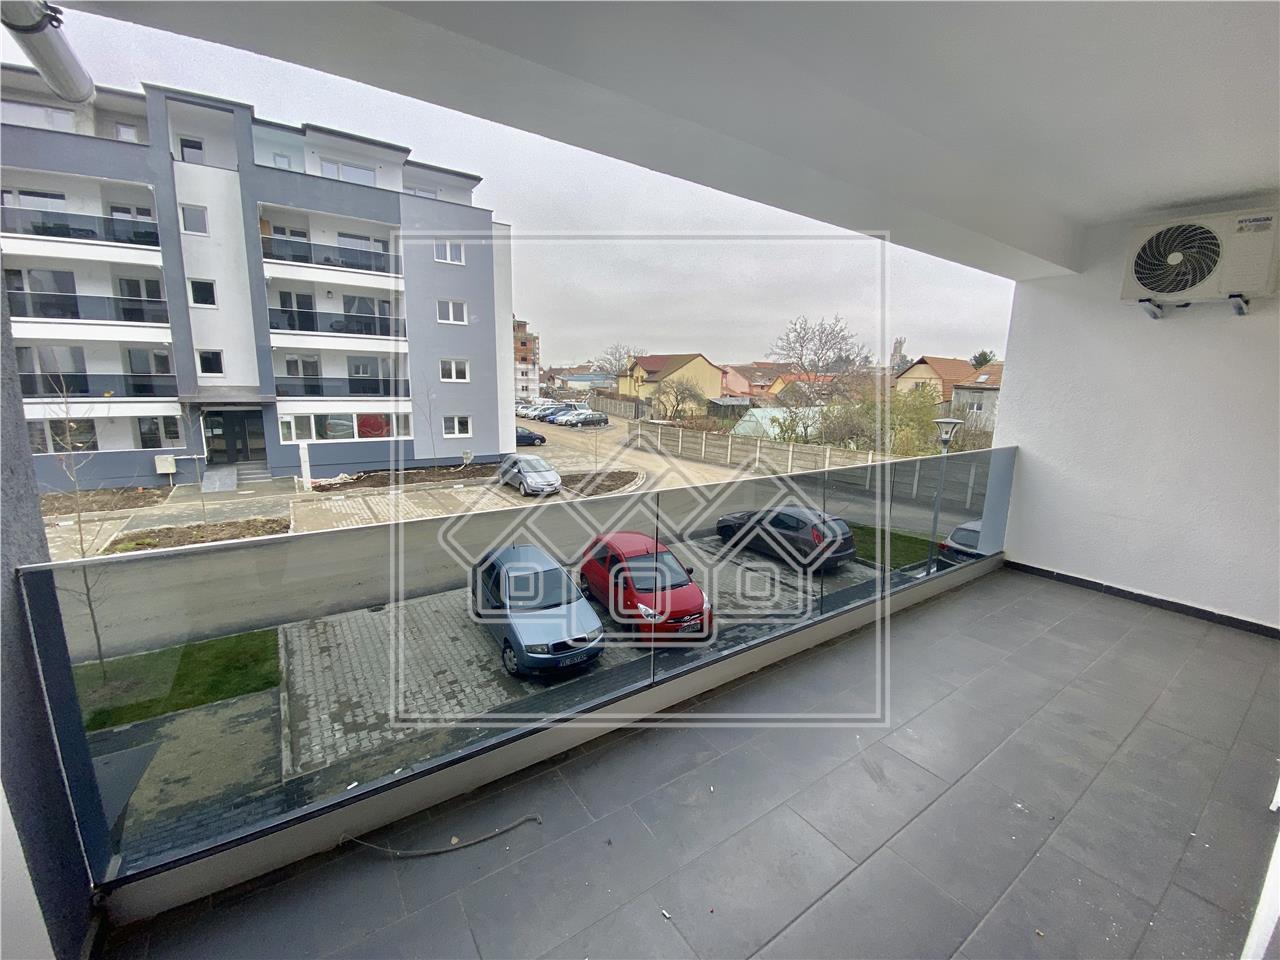 Apartament de inchiriat in Sibiu-3 camere cu balcon-C. Kogalniceanu